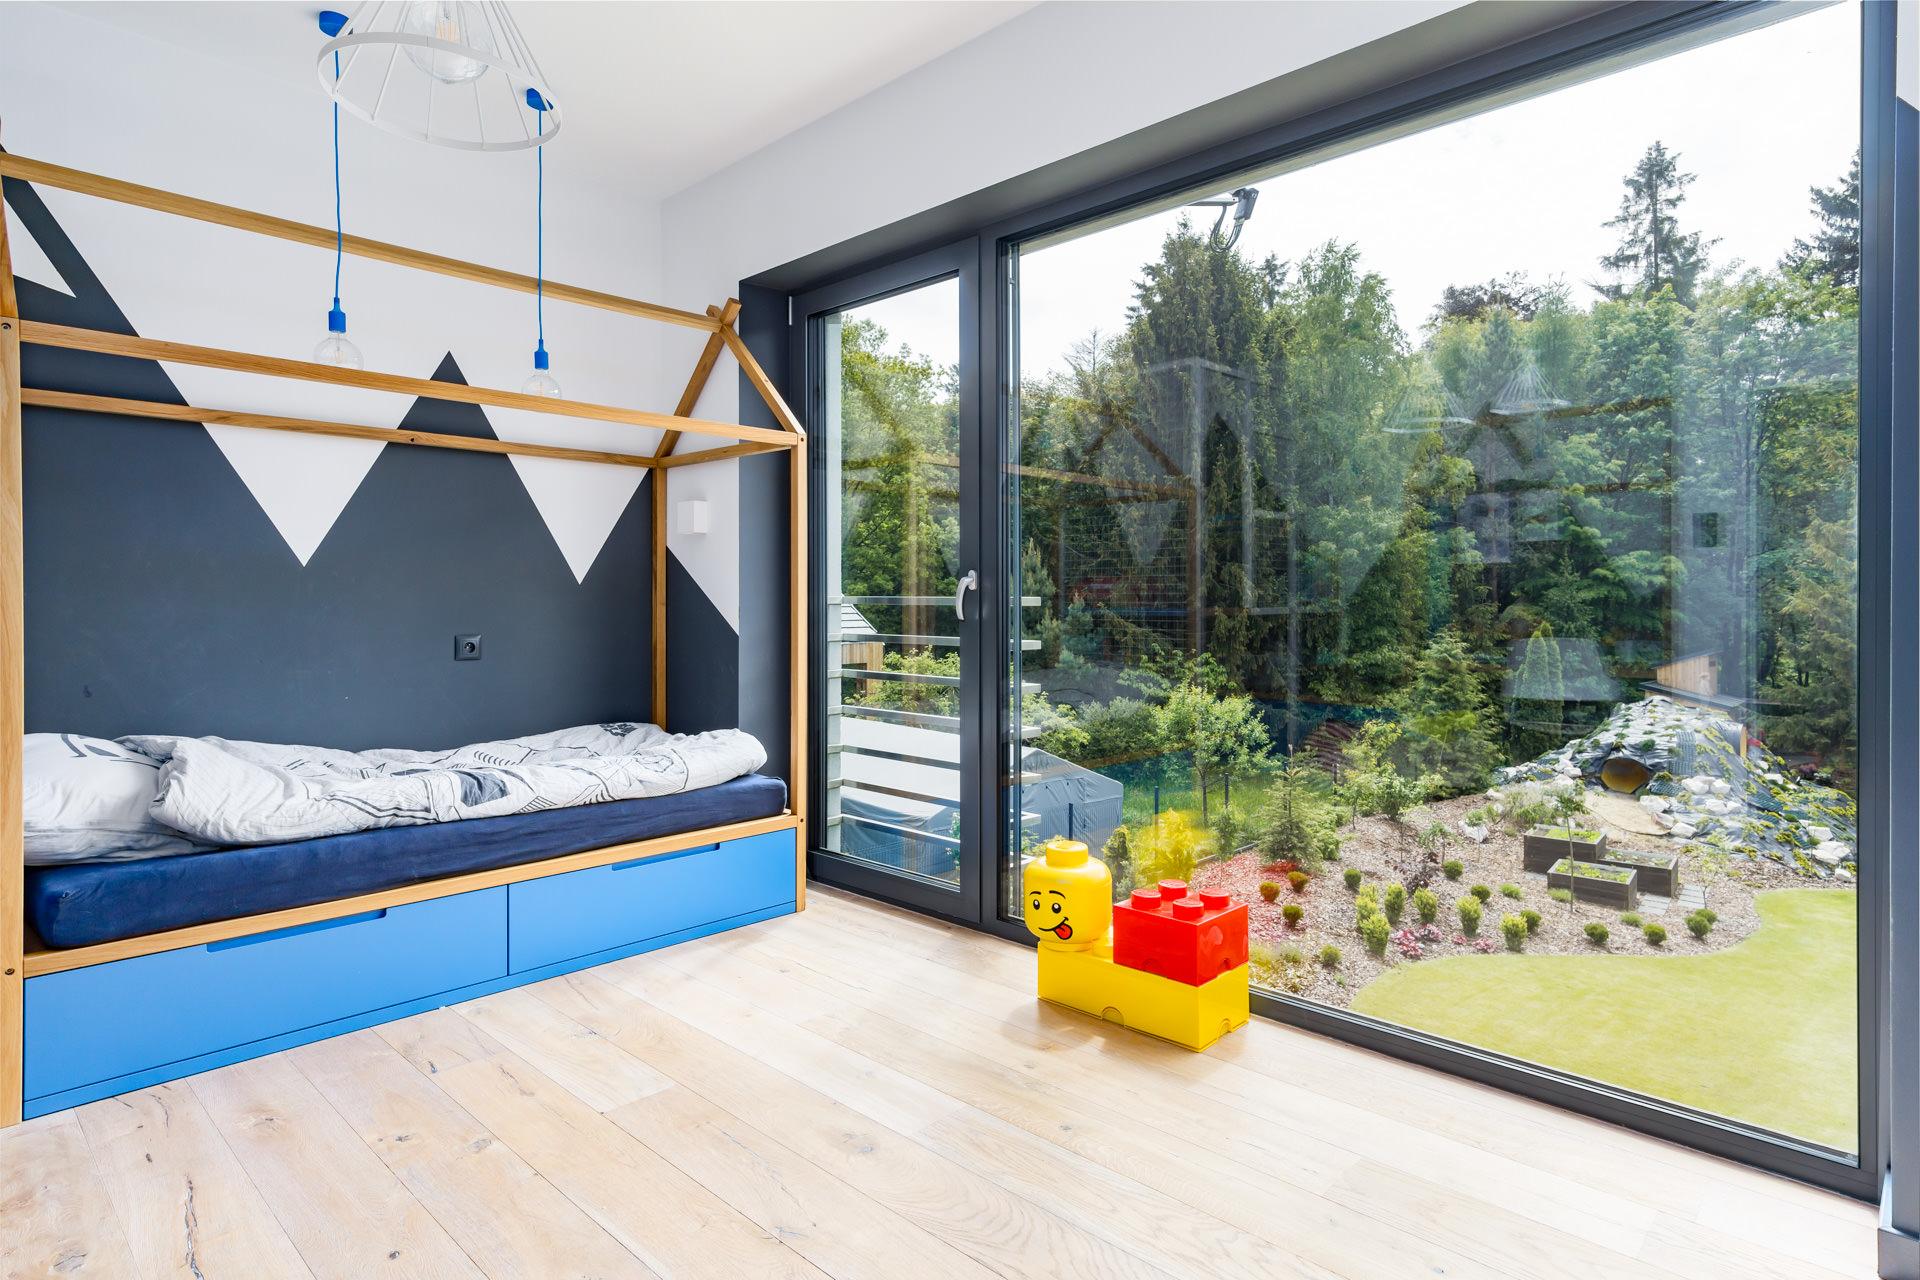 nowoczesny-luksusowy-dom-zdjecia-do-sprzedazy (10)